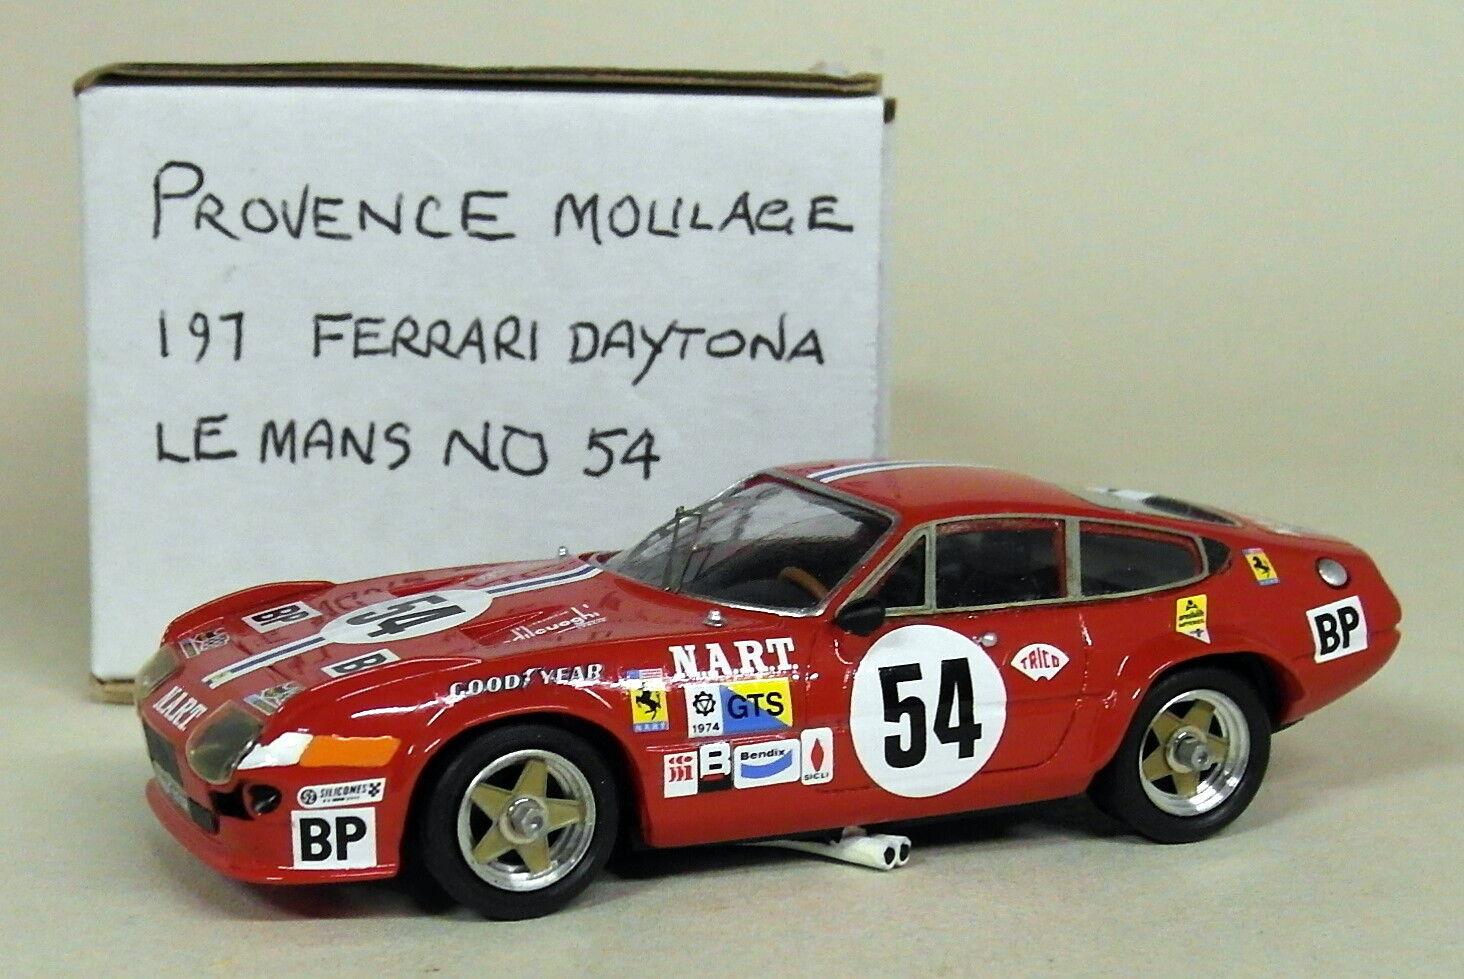 PROVENCE MOULAGE échelle 1 43 Kit Ferrari Daytona Le Mans 1974  54 Résine Voiture Modèle